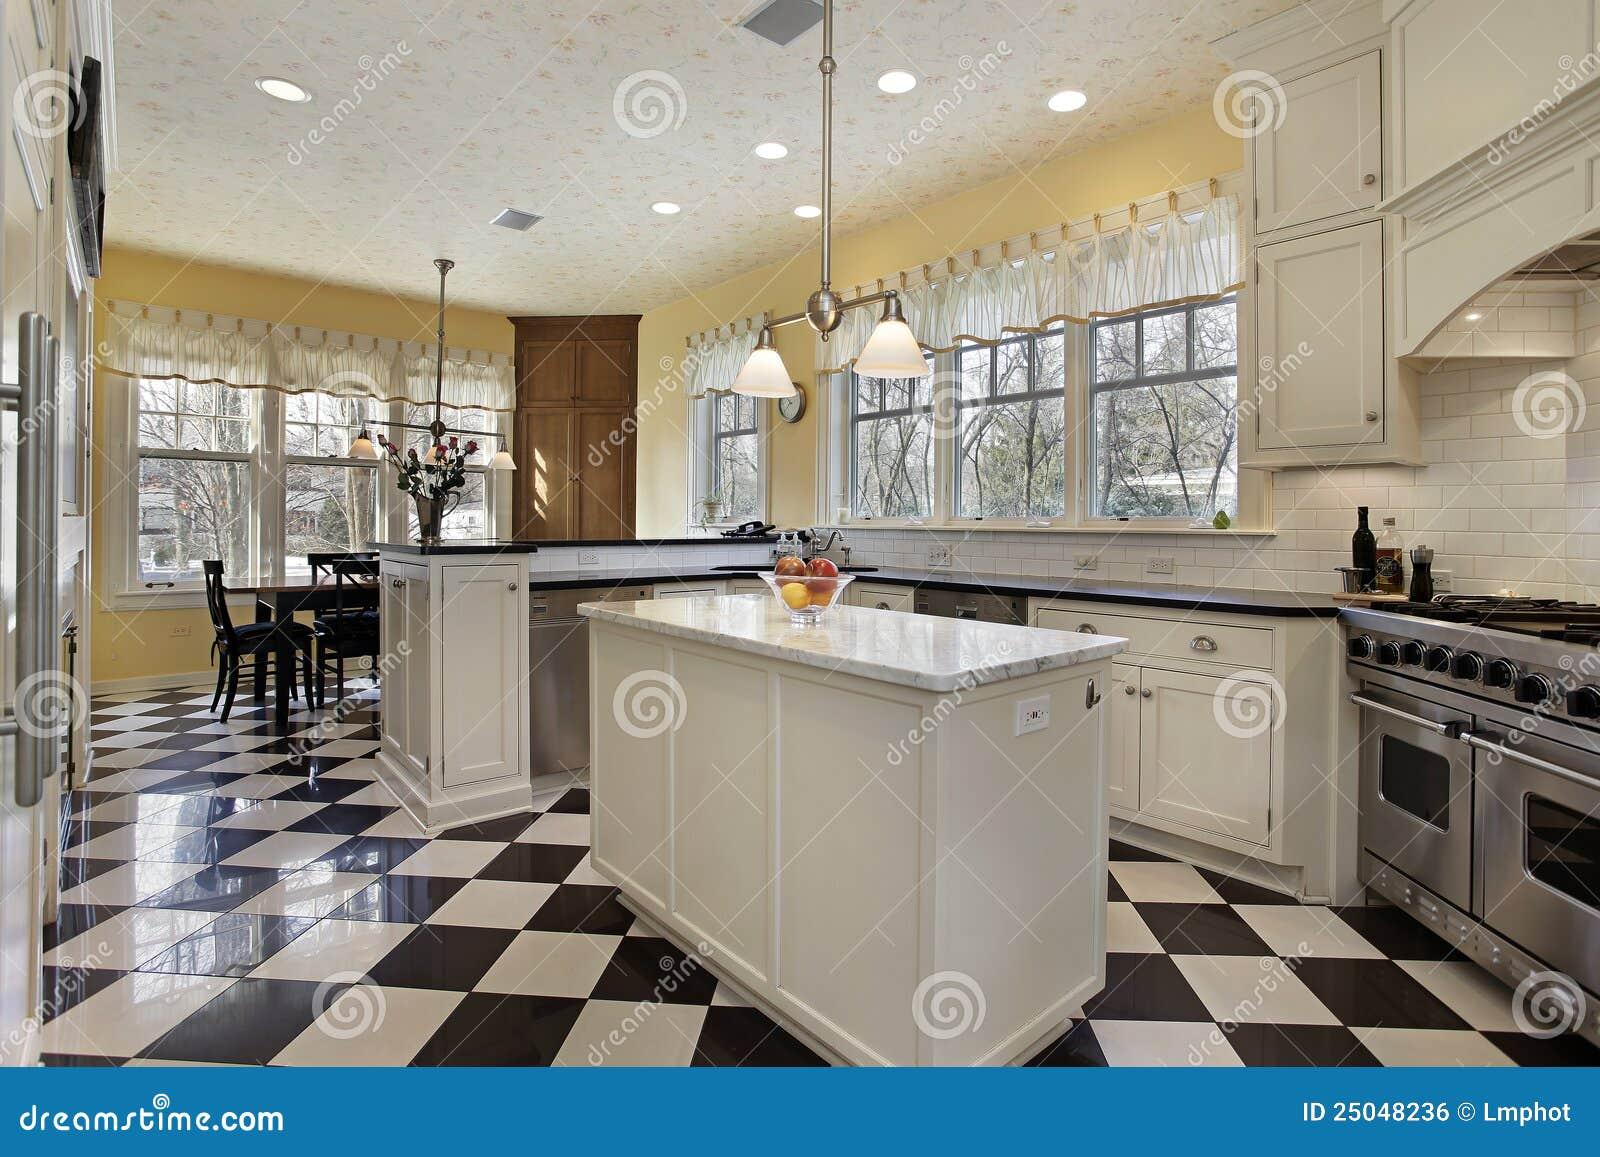 Keuken met zwart witte bevloering royalty vrije stock afbeelding ...